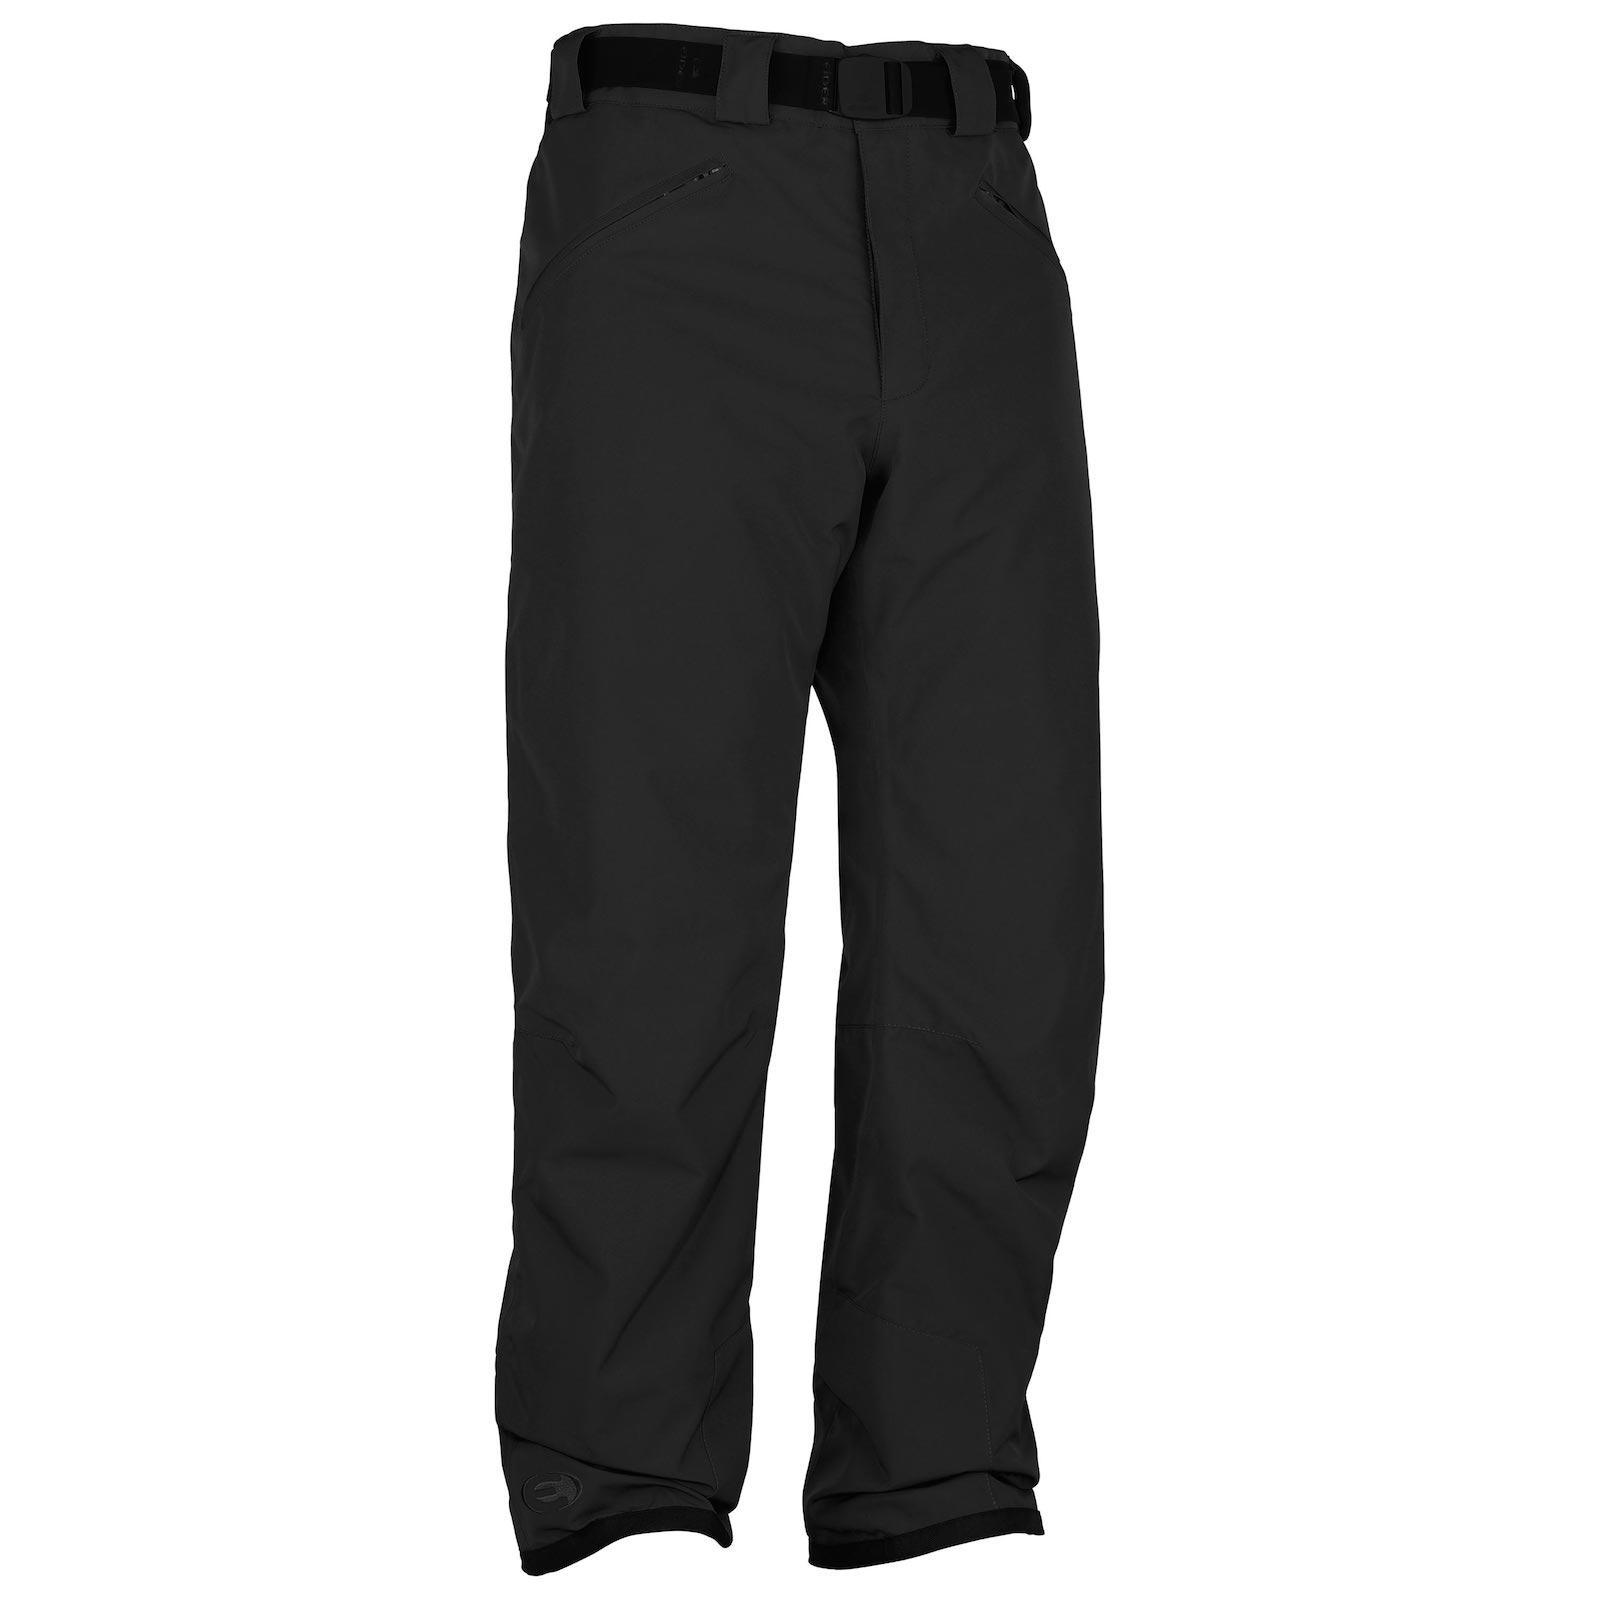 Eider - Alta Badia - Ski trousers - Men's